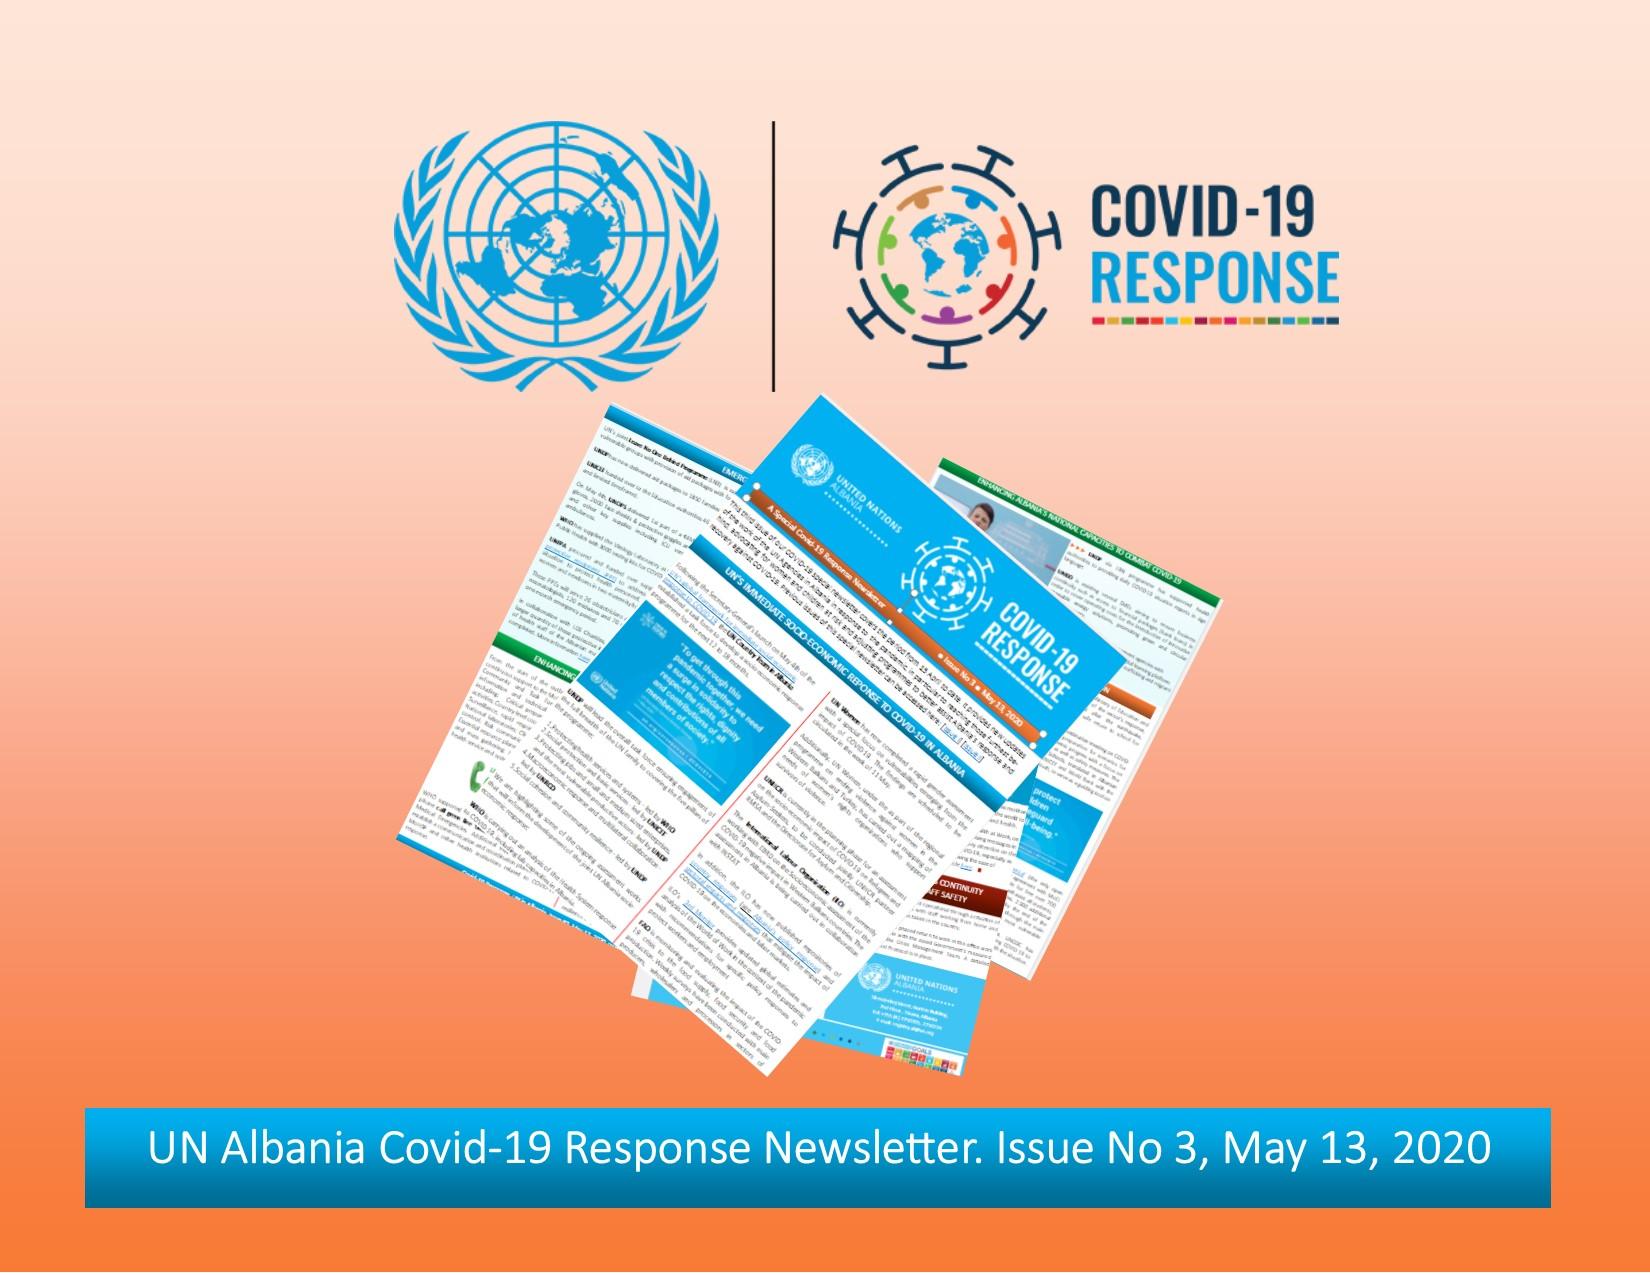 UN Albania Covid-19 Response Newsletter - Issue 3